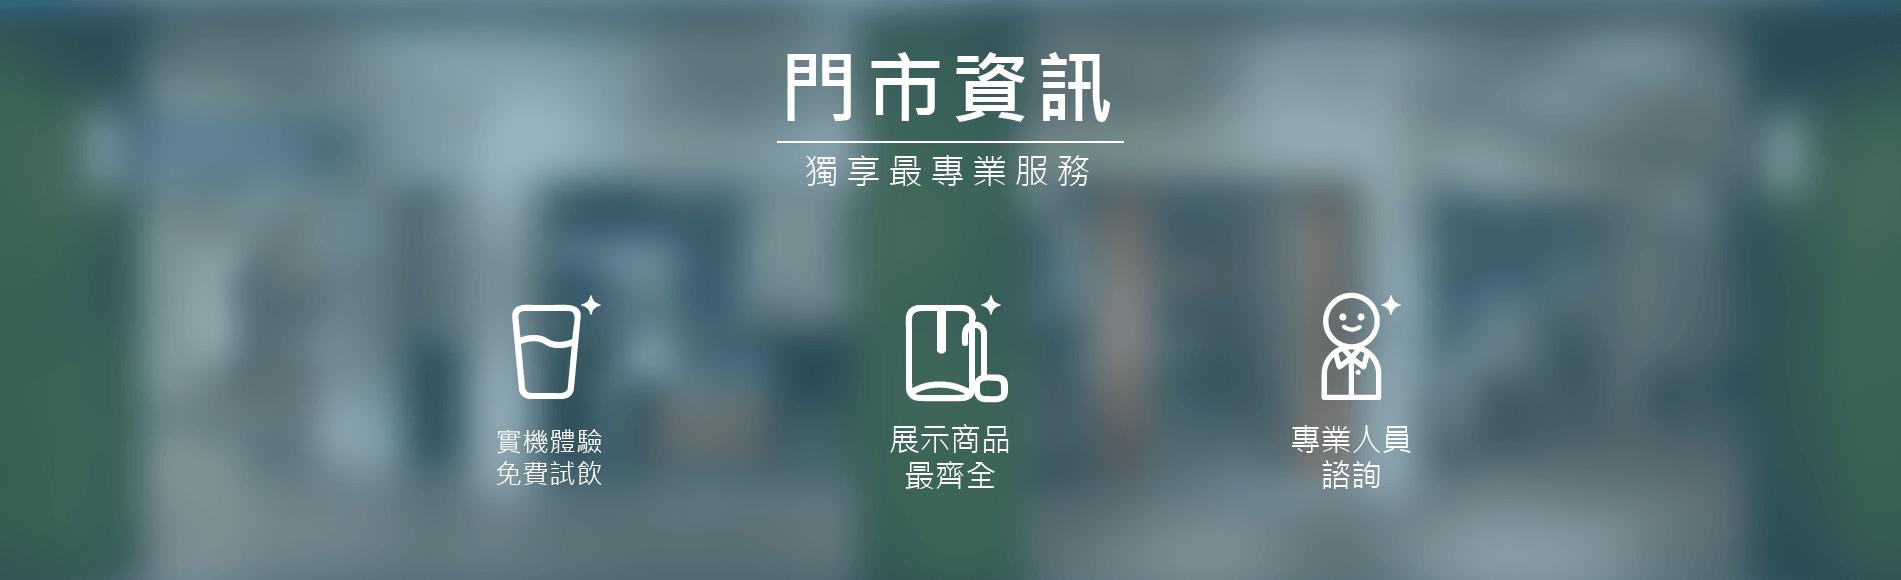 赌钱软件下载安卓端-_電腦版